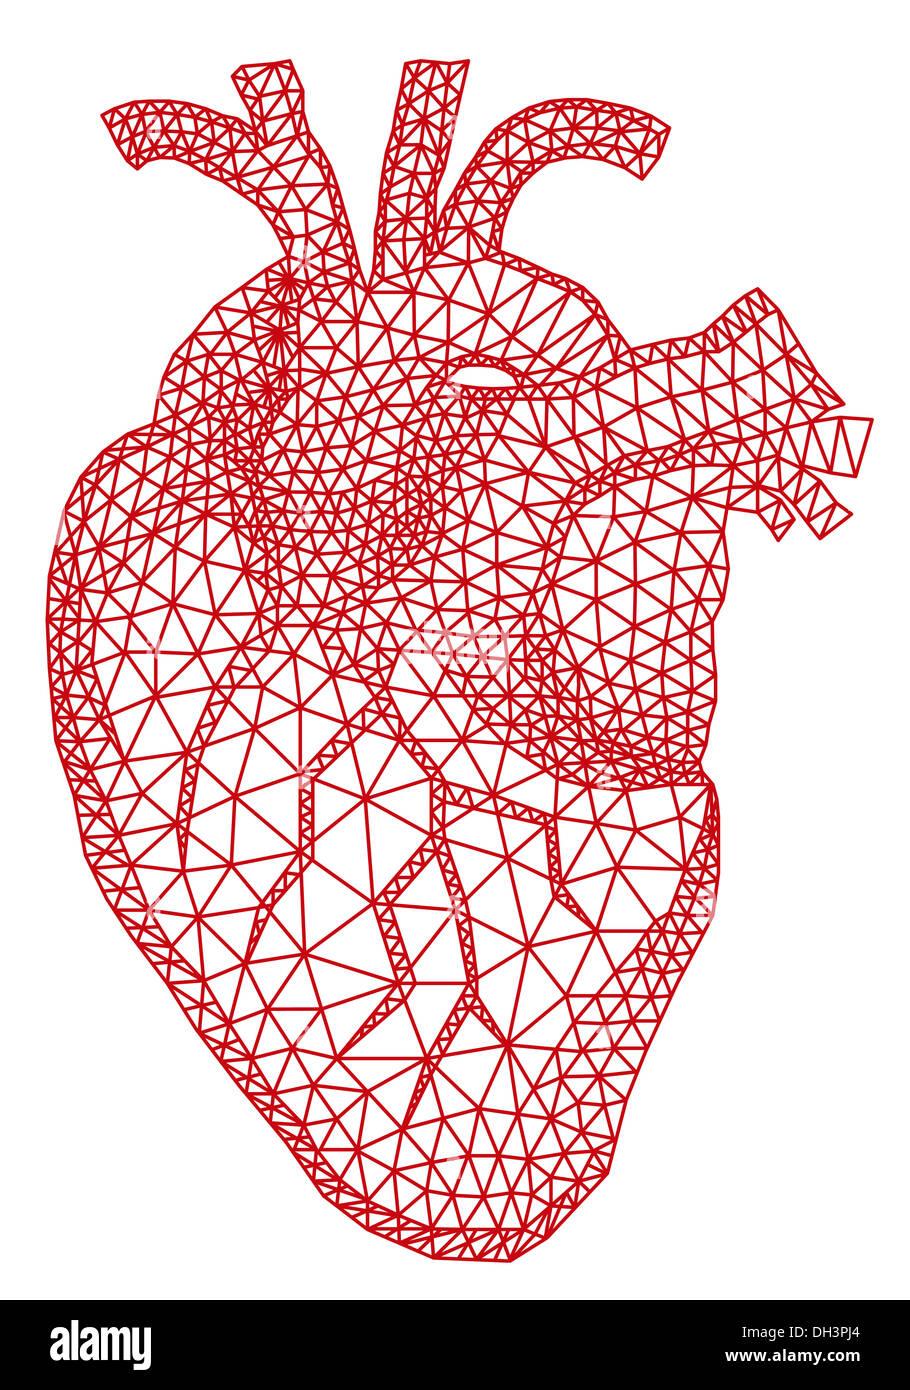 Abstract rosso cuore umano con geometrica maglia Immagini Stock